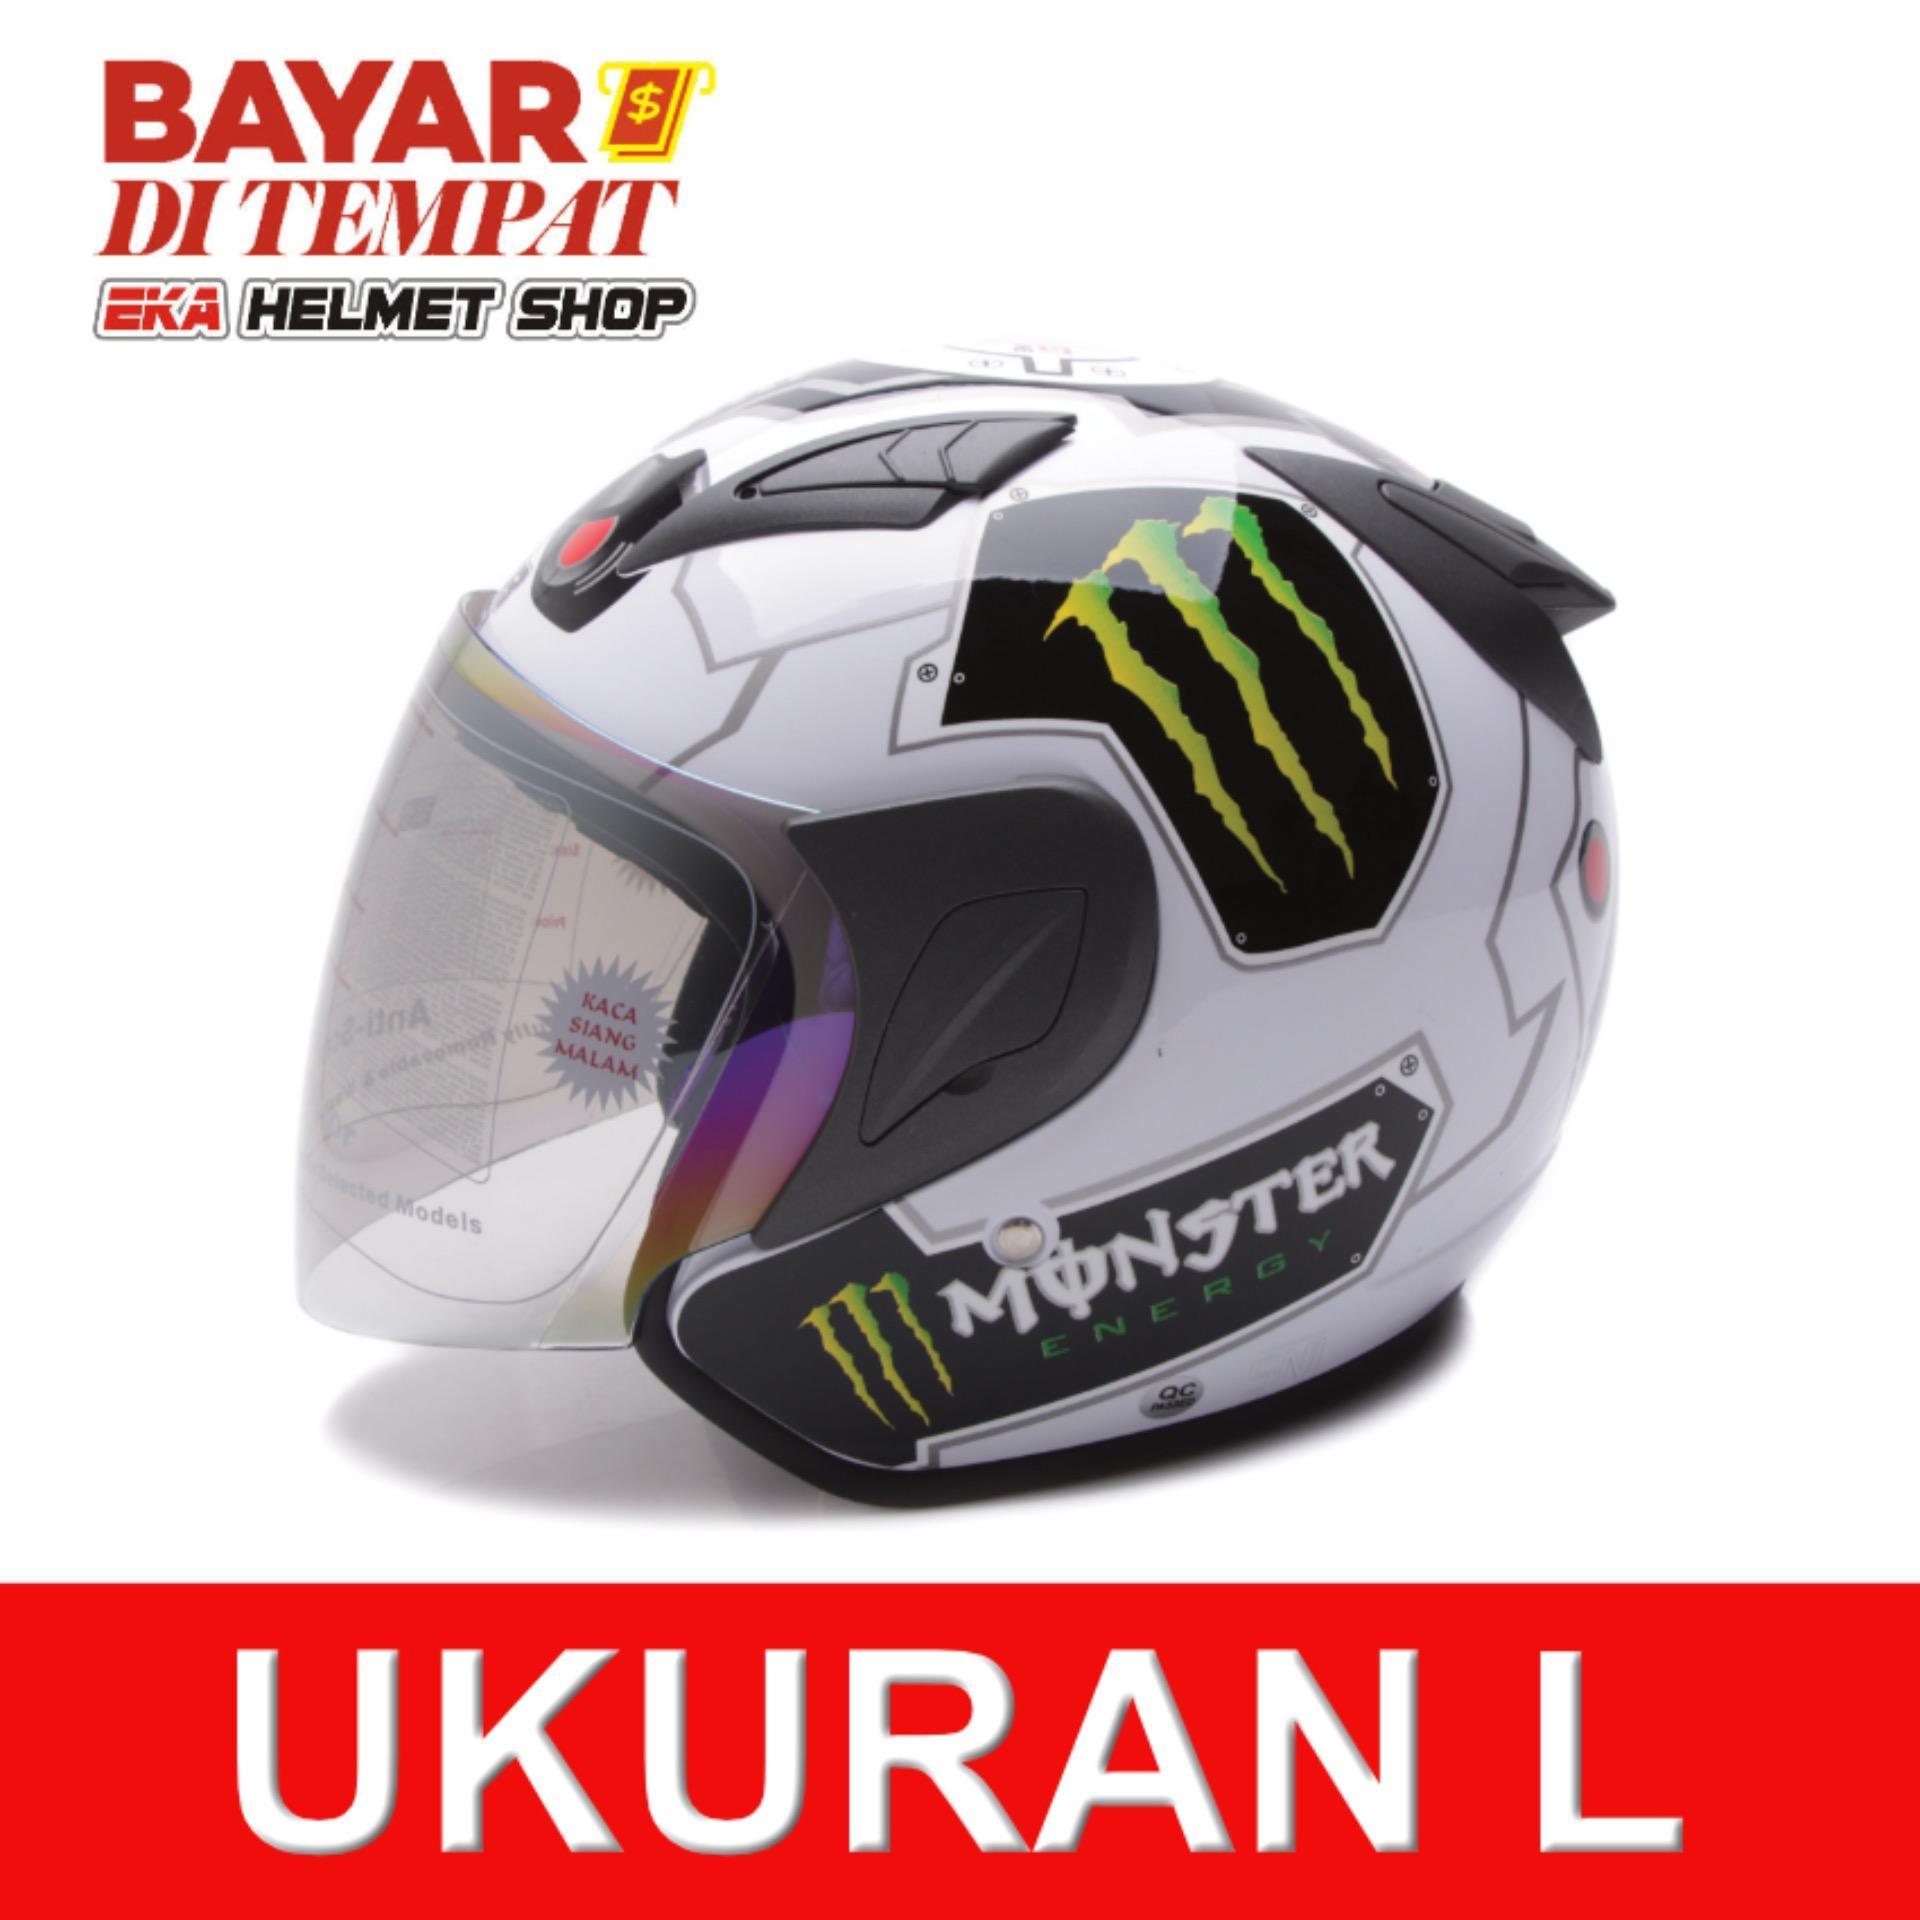 Jual Msr Helmet Javelin Monster Putih Di Banten